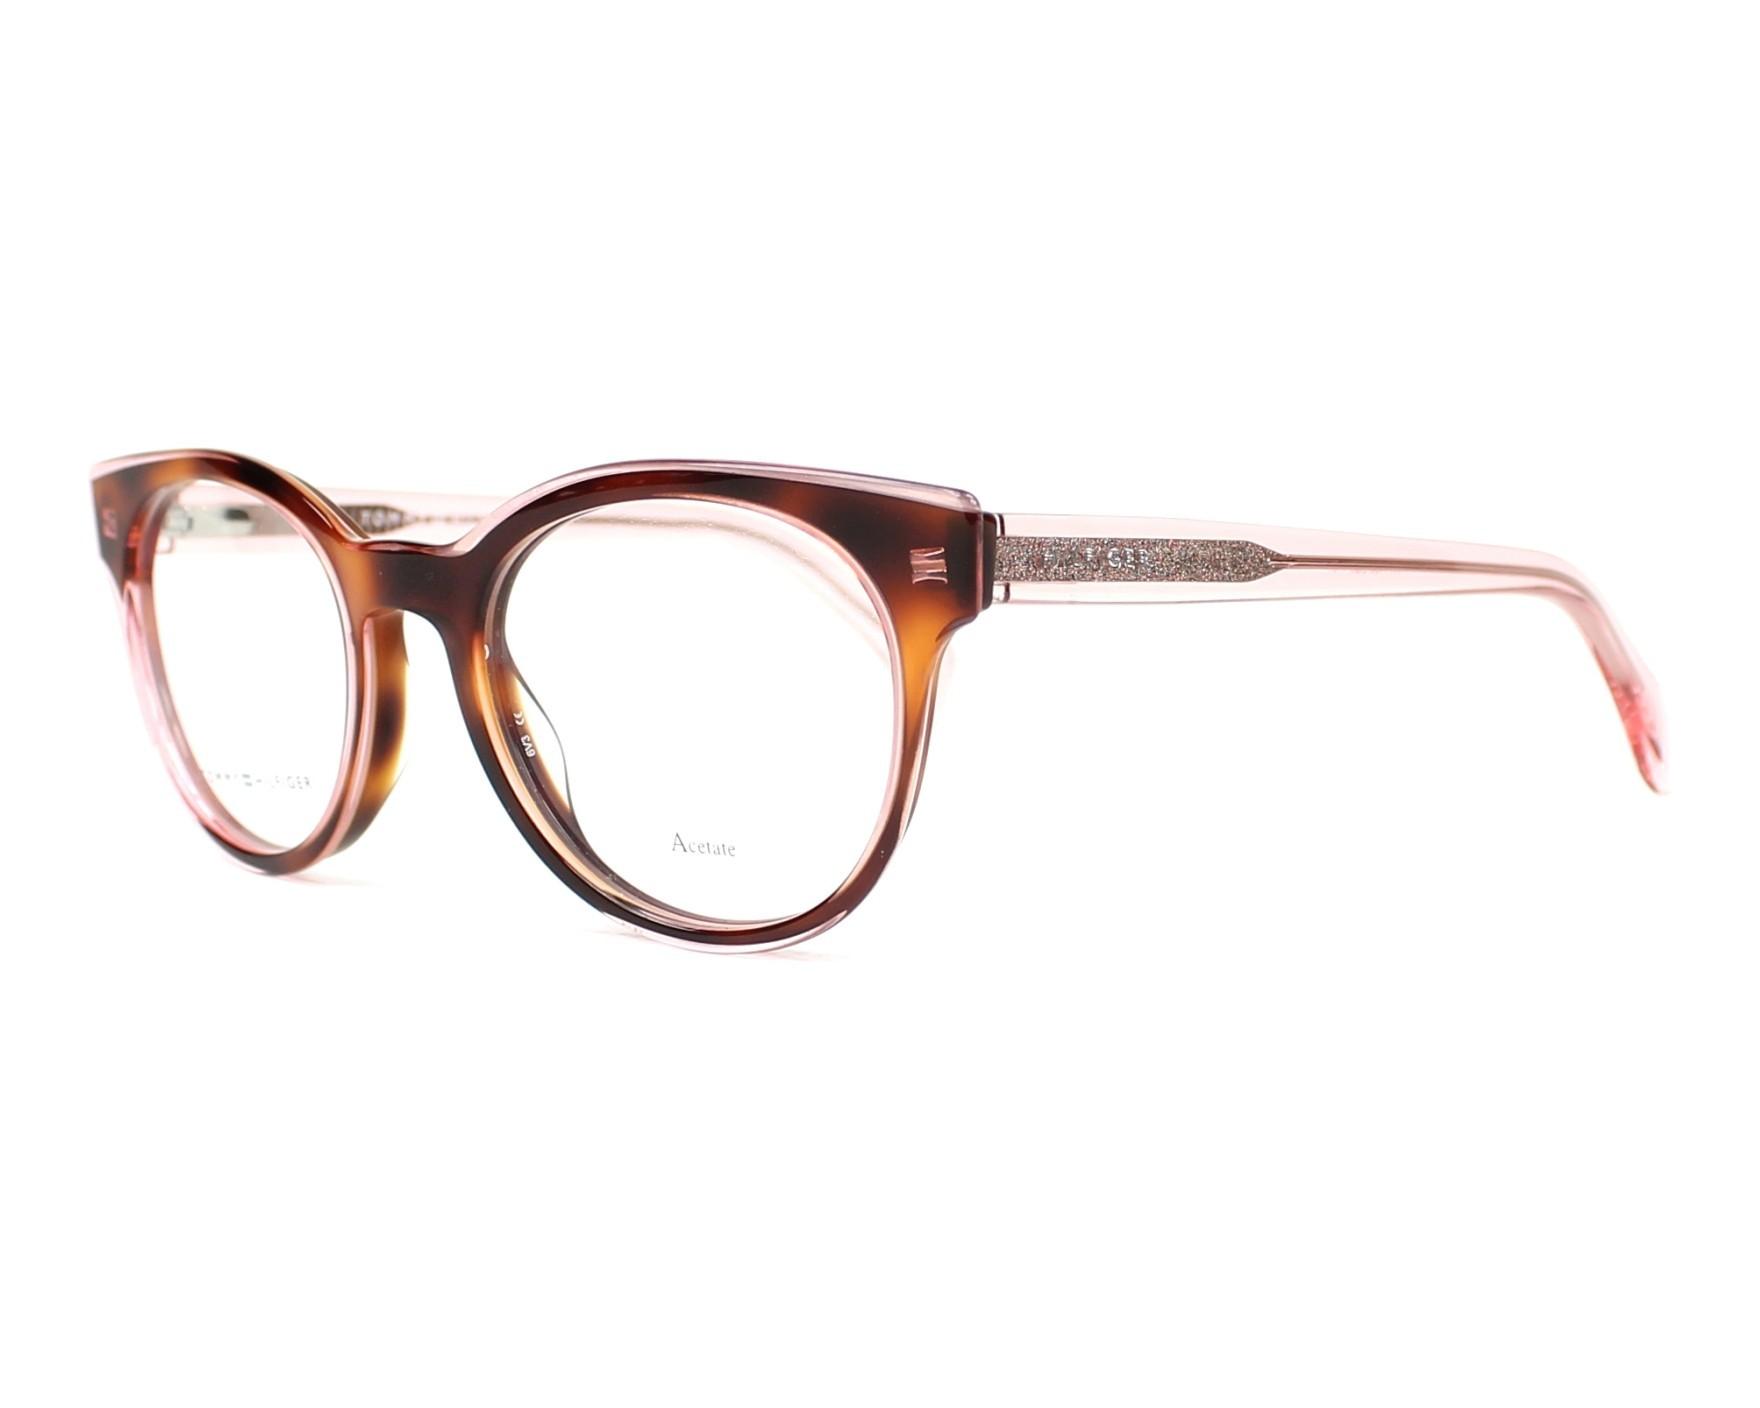 Tommy Hilfiger Spectacle Frames India - Page 6 - Frame Design ...